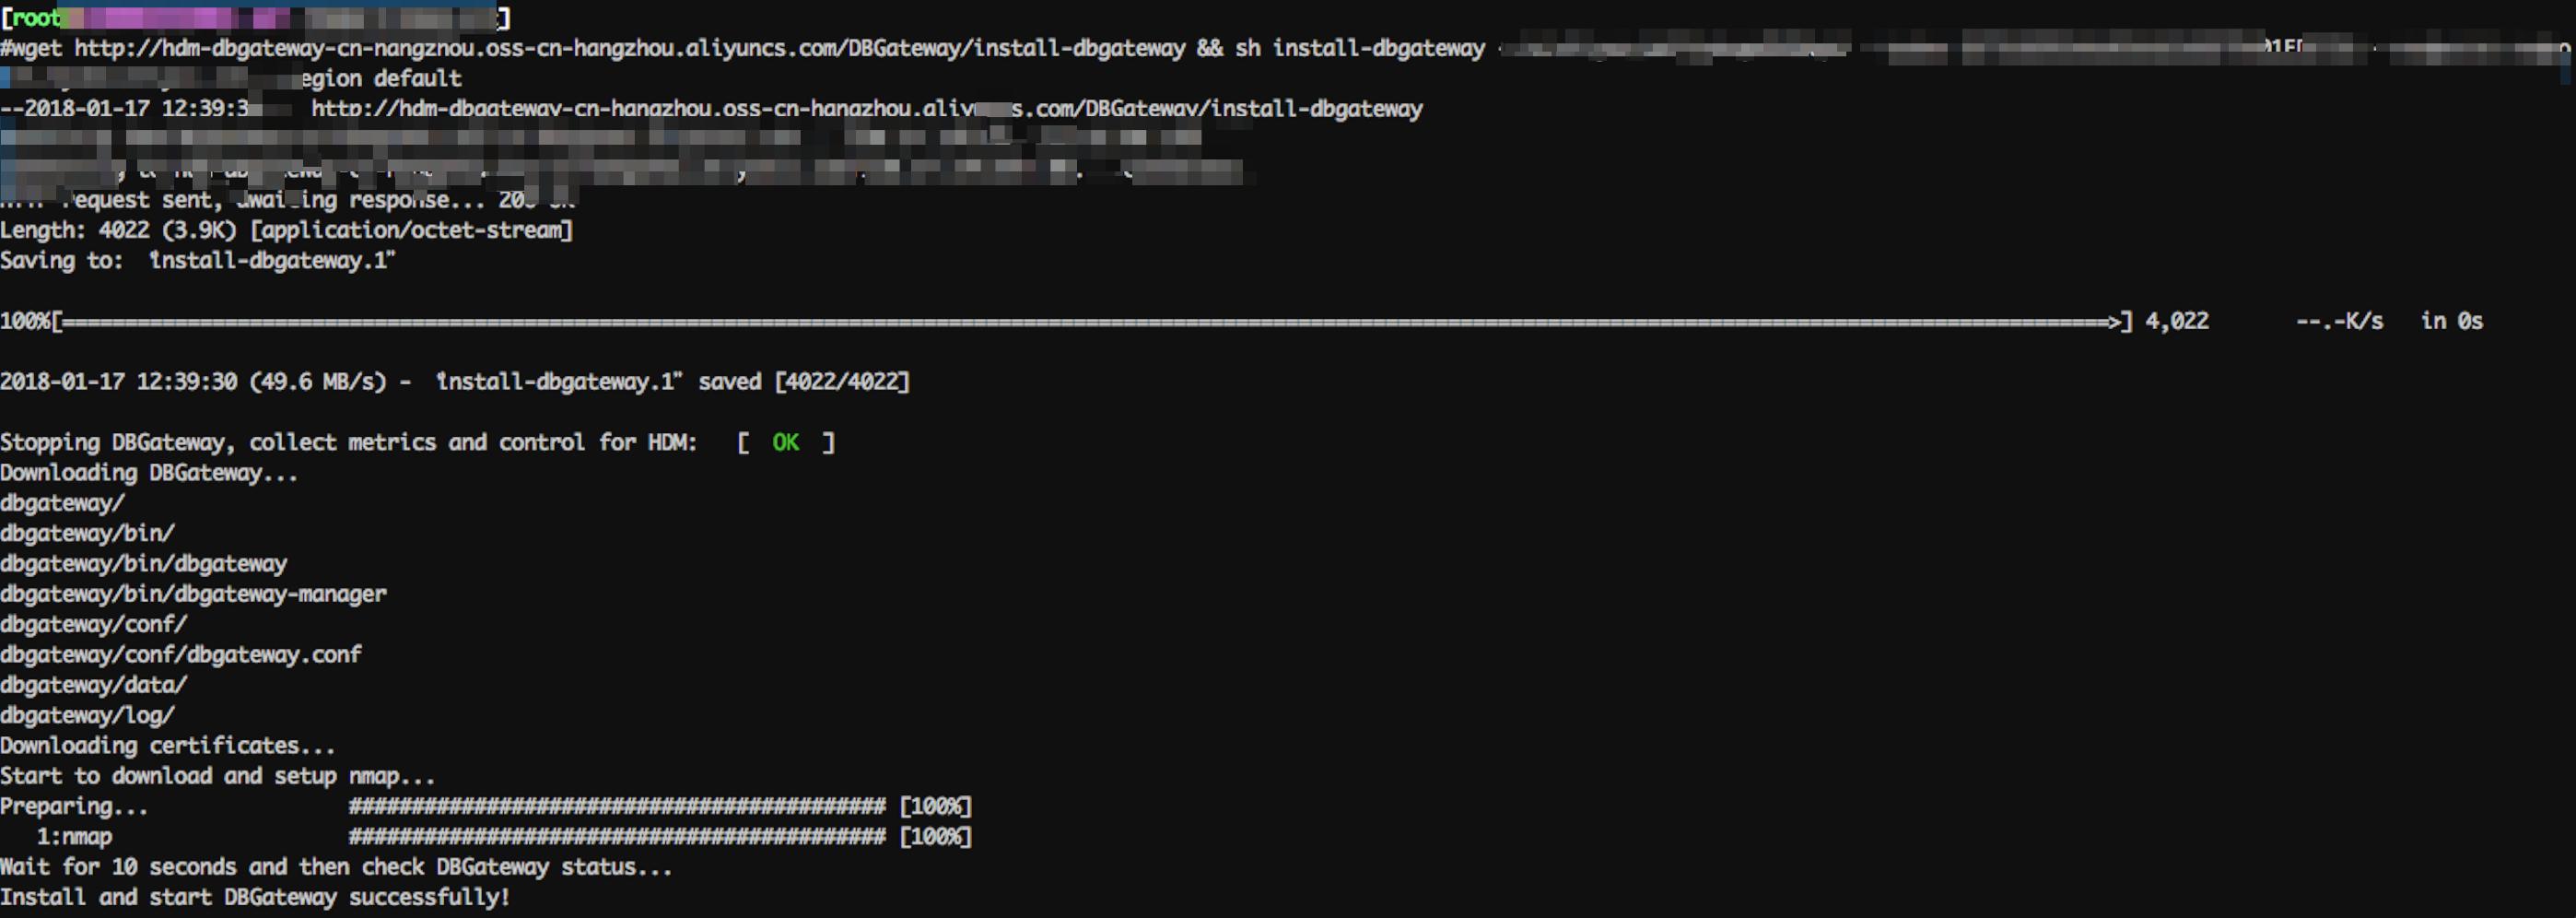 HDM_user_manual_18